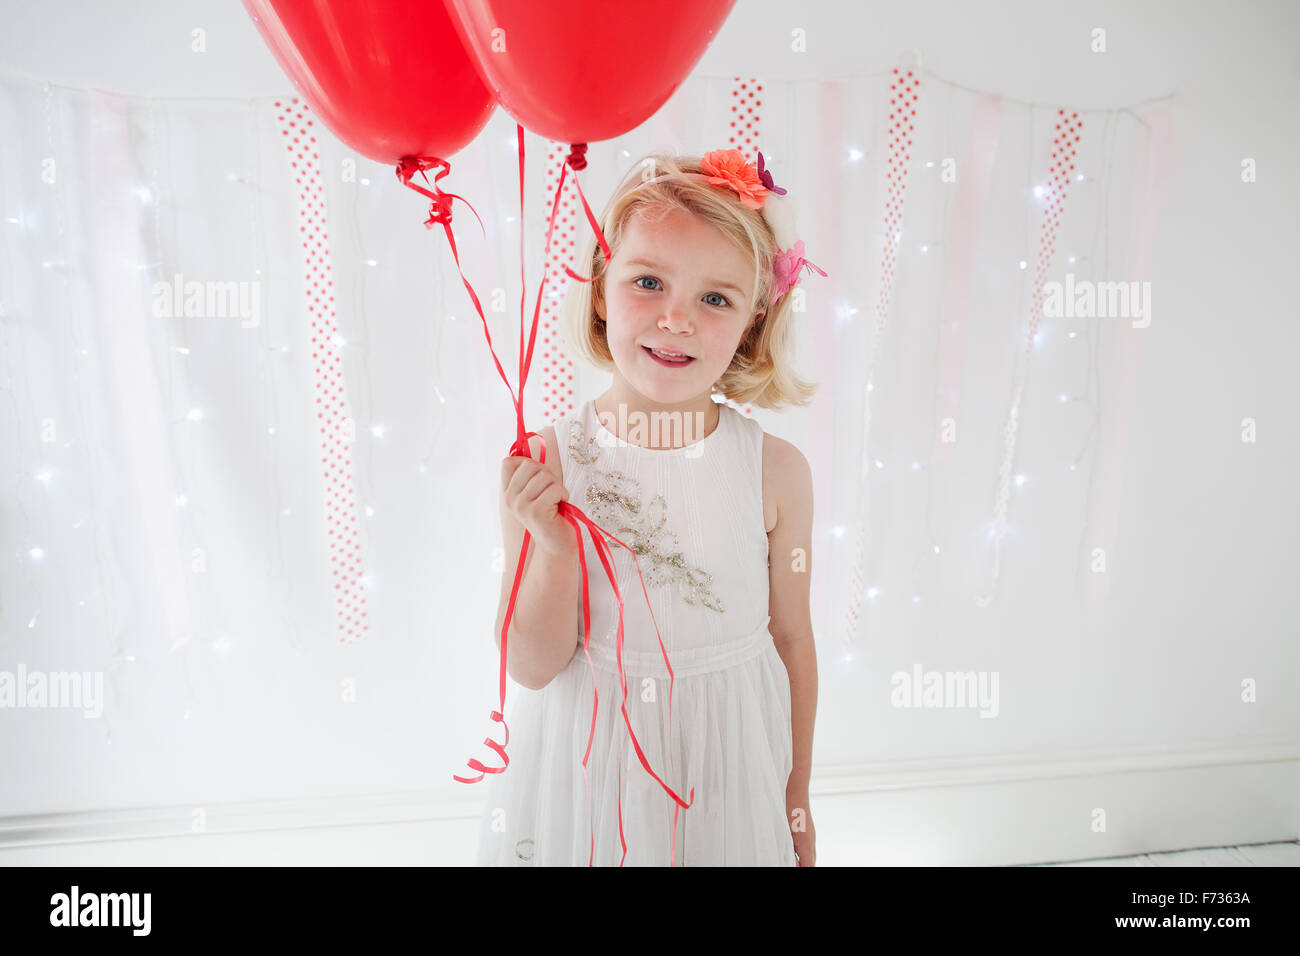 Giovane ragazza in posa per una foto in un studio di fotografi, tenendo palloncini rossi. Immagini Stock